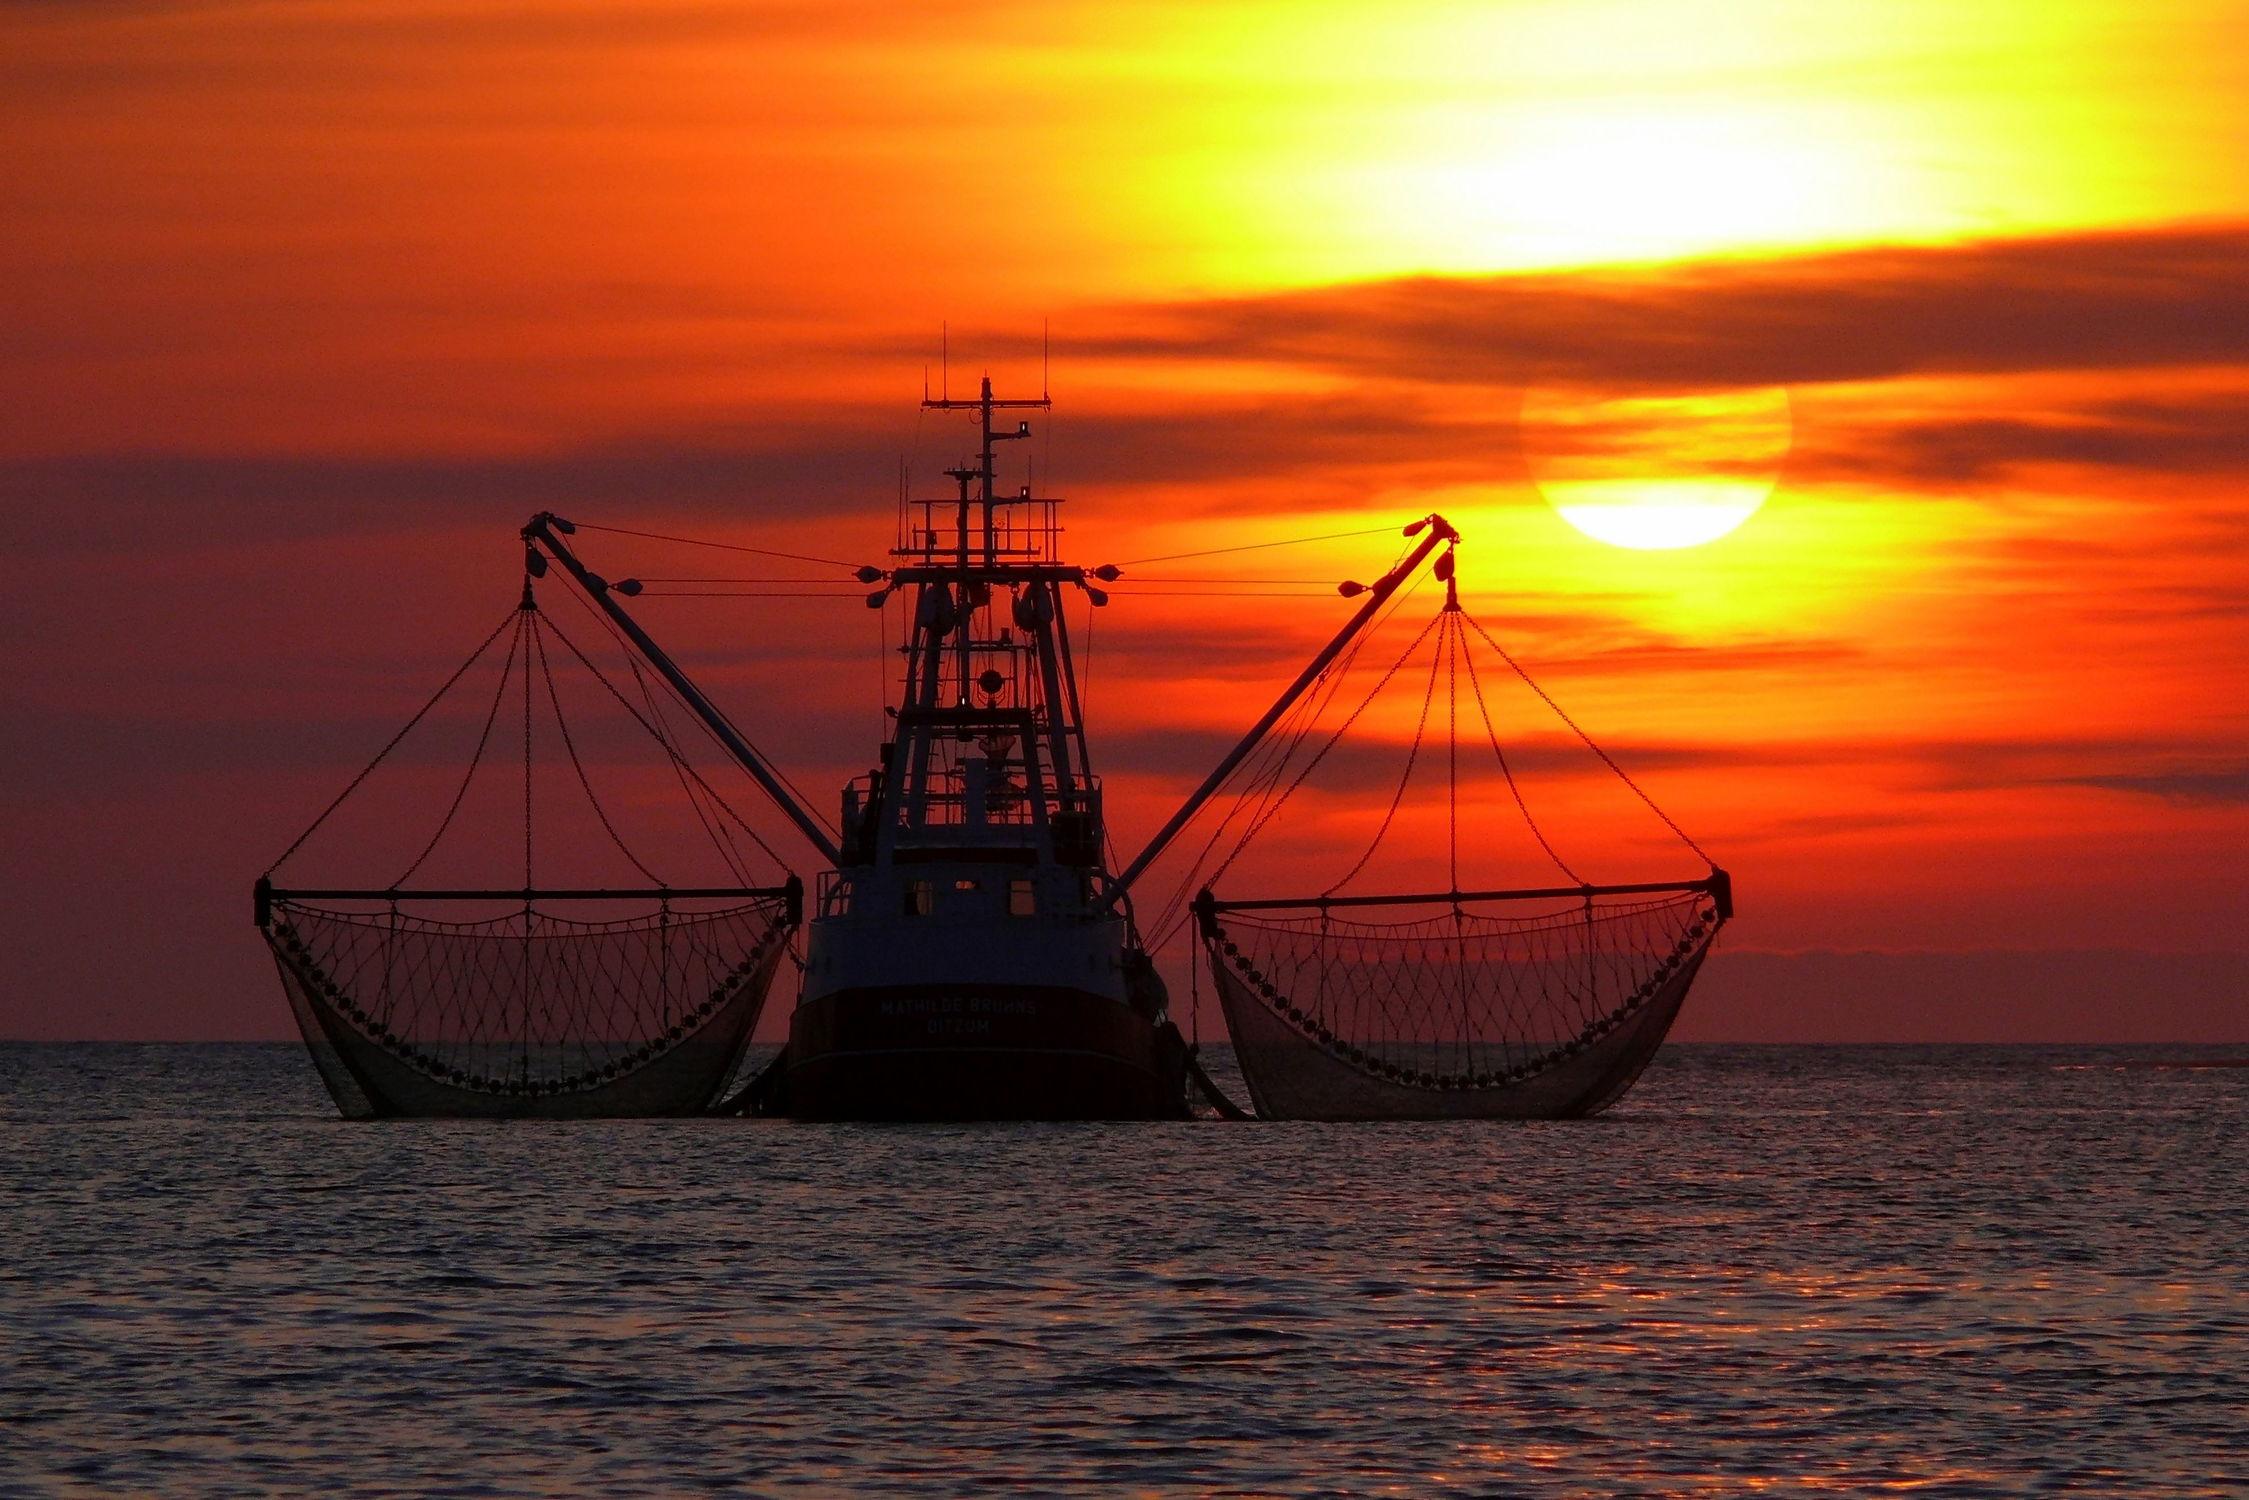 Bild mit Wasser, Gewässer, Sonnenuntergang, Sonnenaufgang, Schiffe, Sonne, Ostsee, Schiff, Meer, Sunset, Am Meer, Abend, Abendhimmel, roter himmel